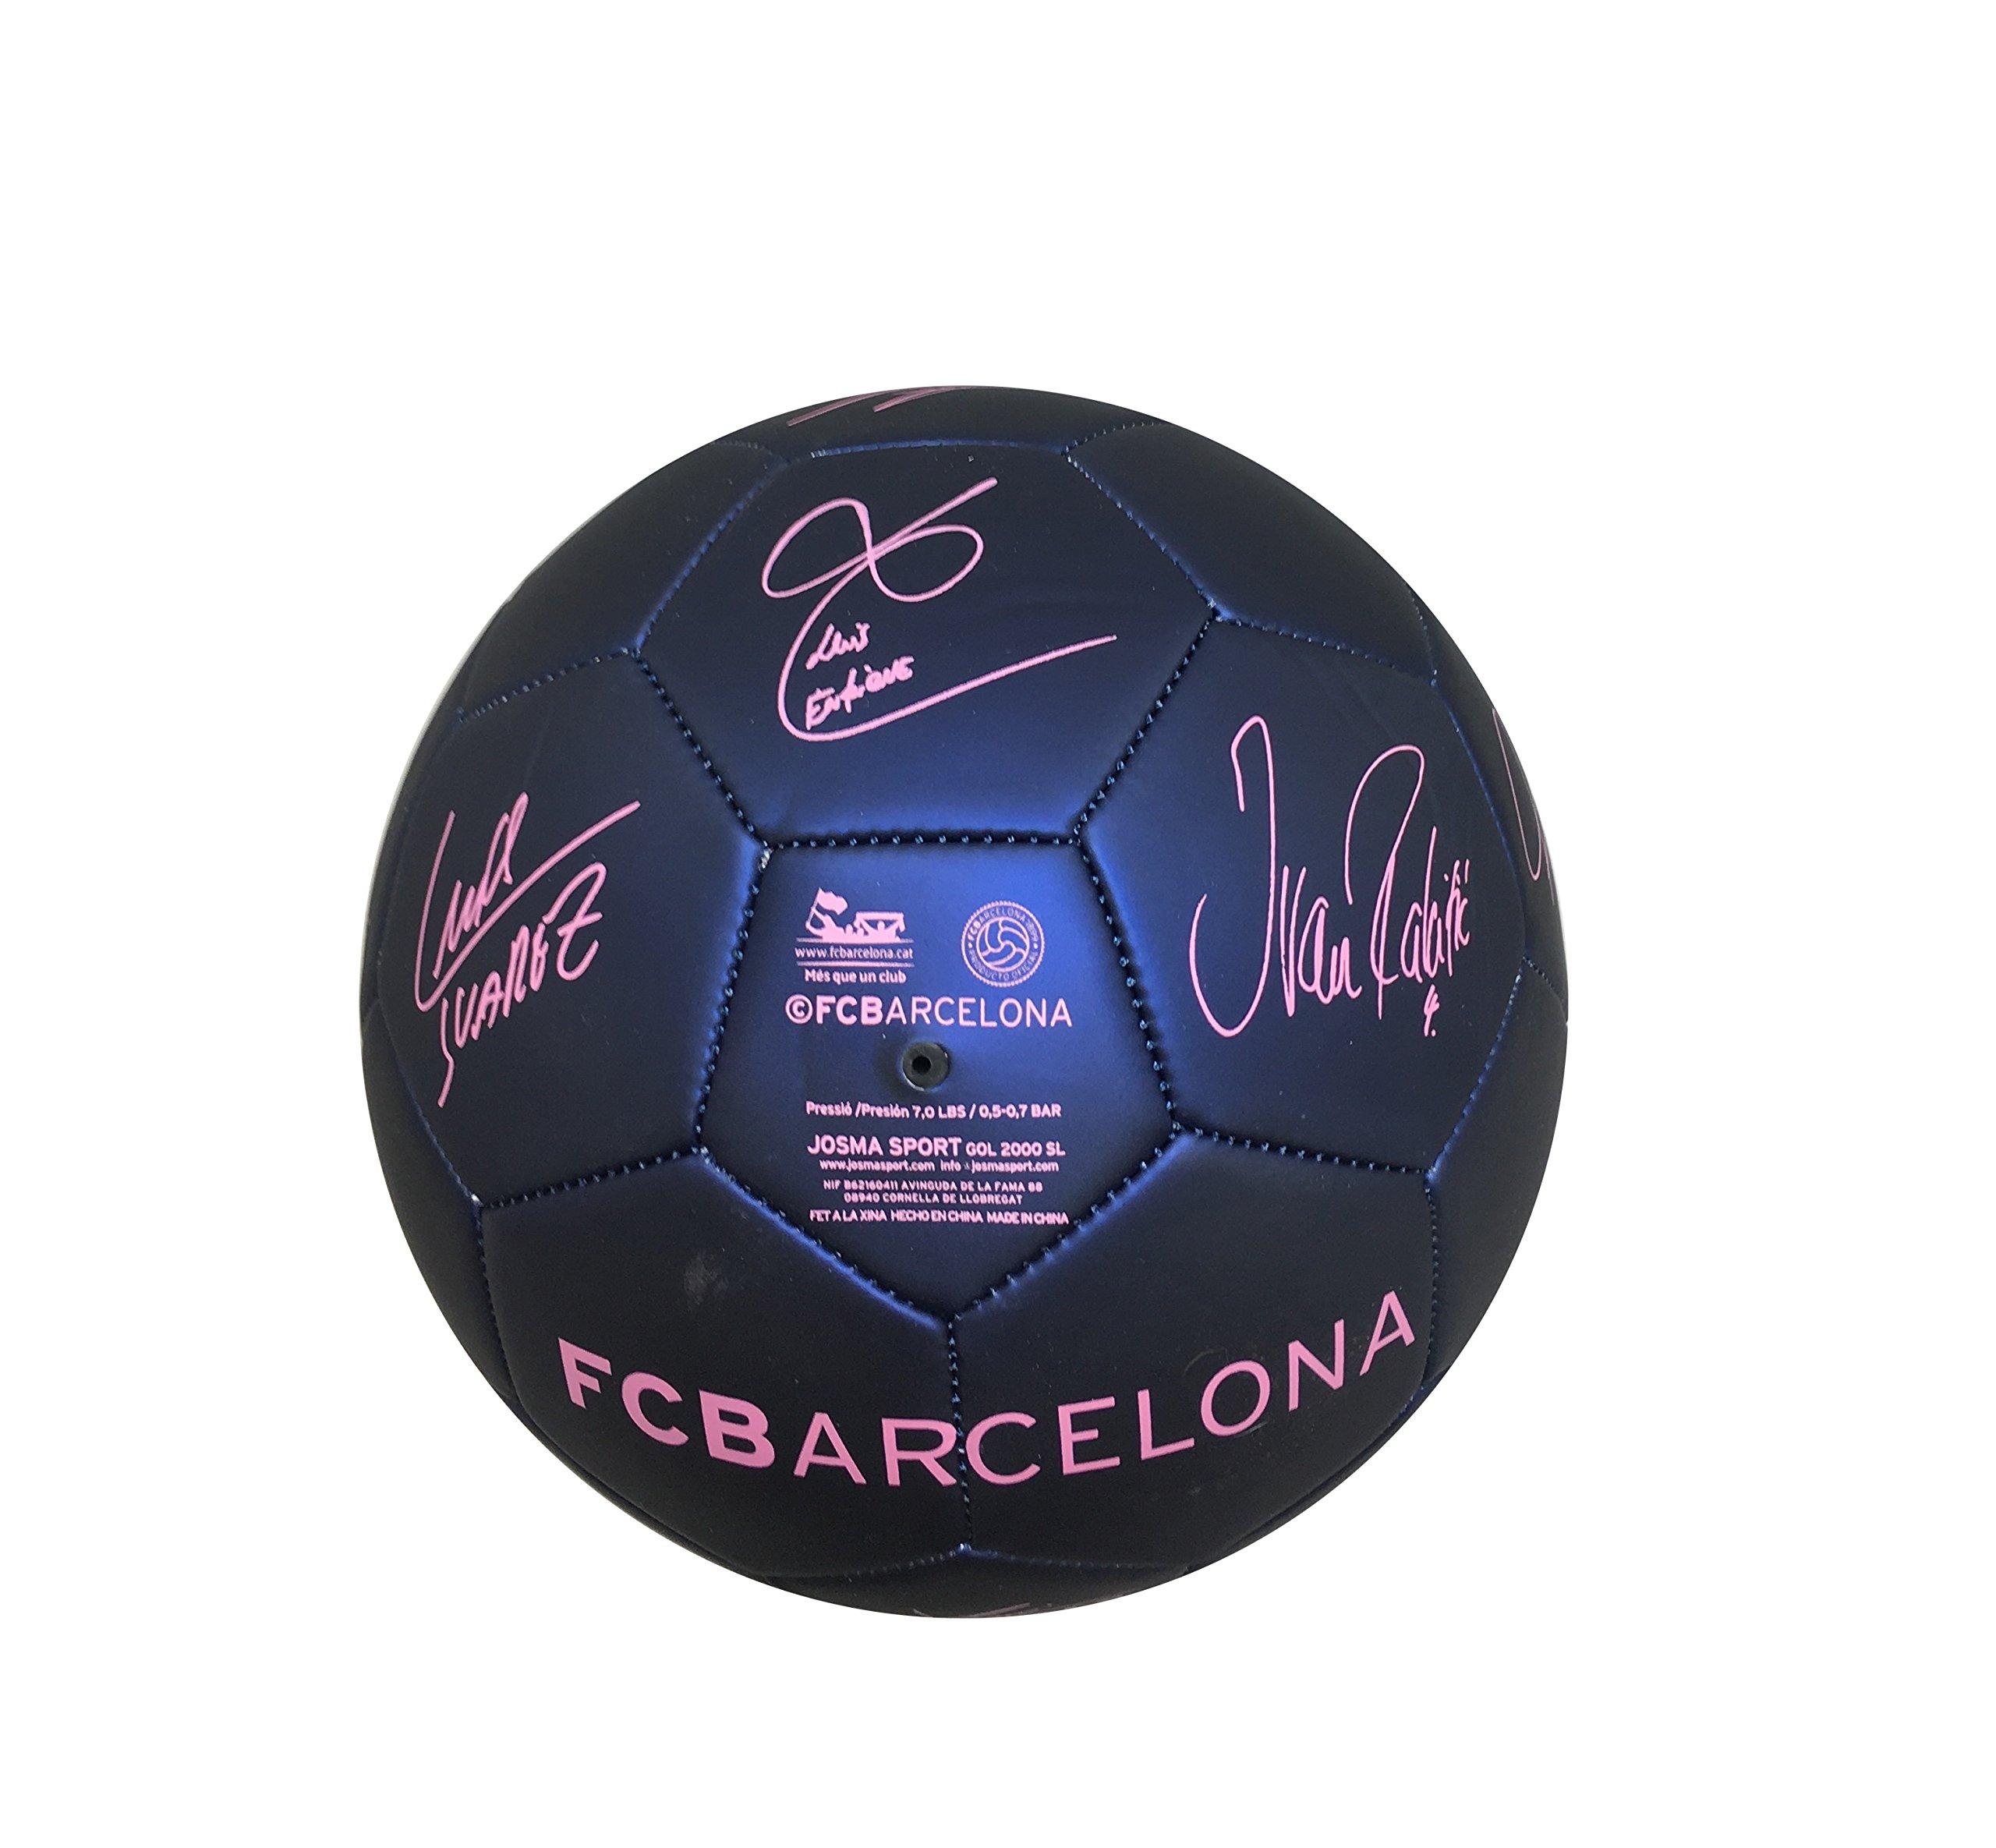 Balón Pelota de fútbol FCB Barcelona con Firmas Jugadores Azul ...